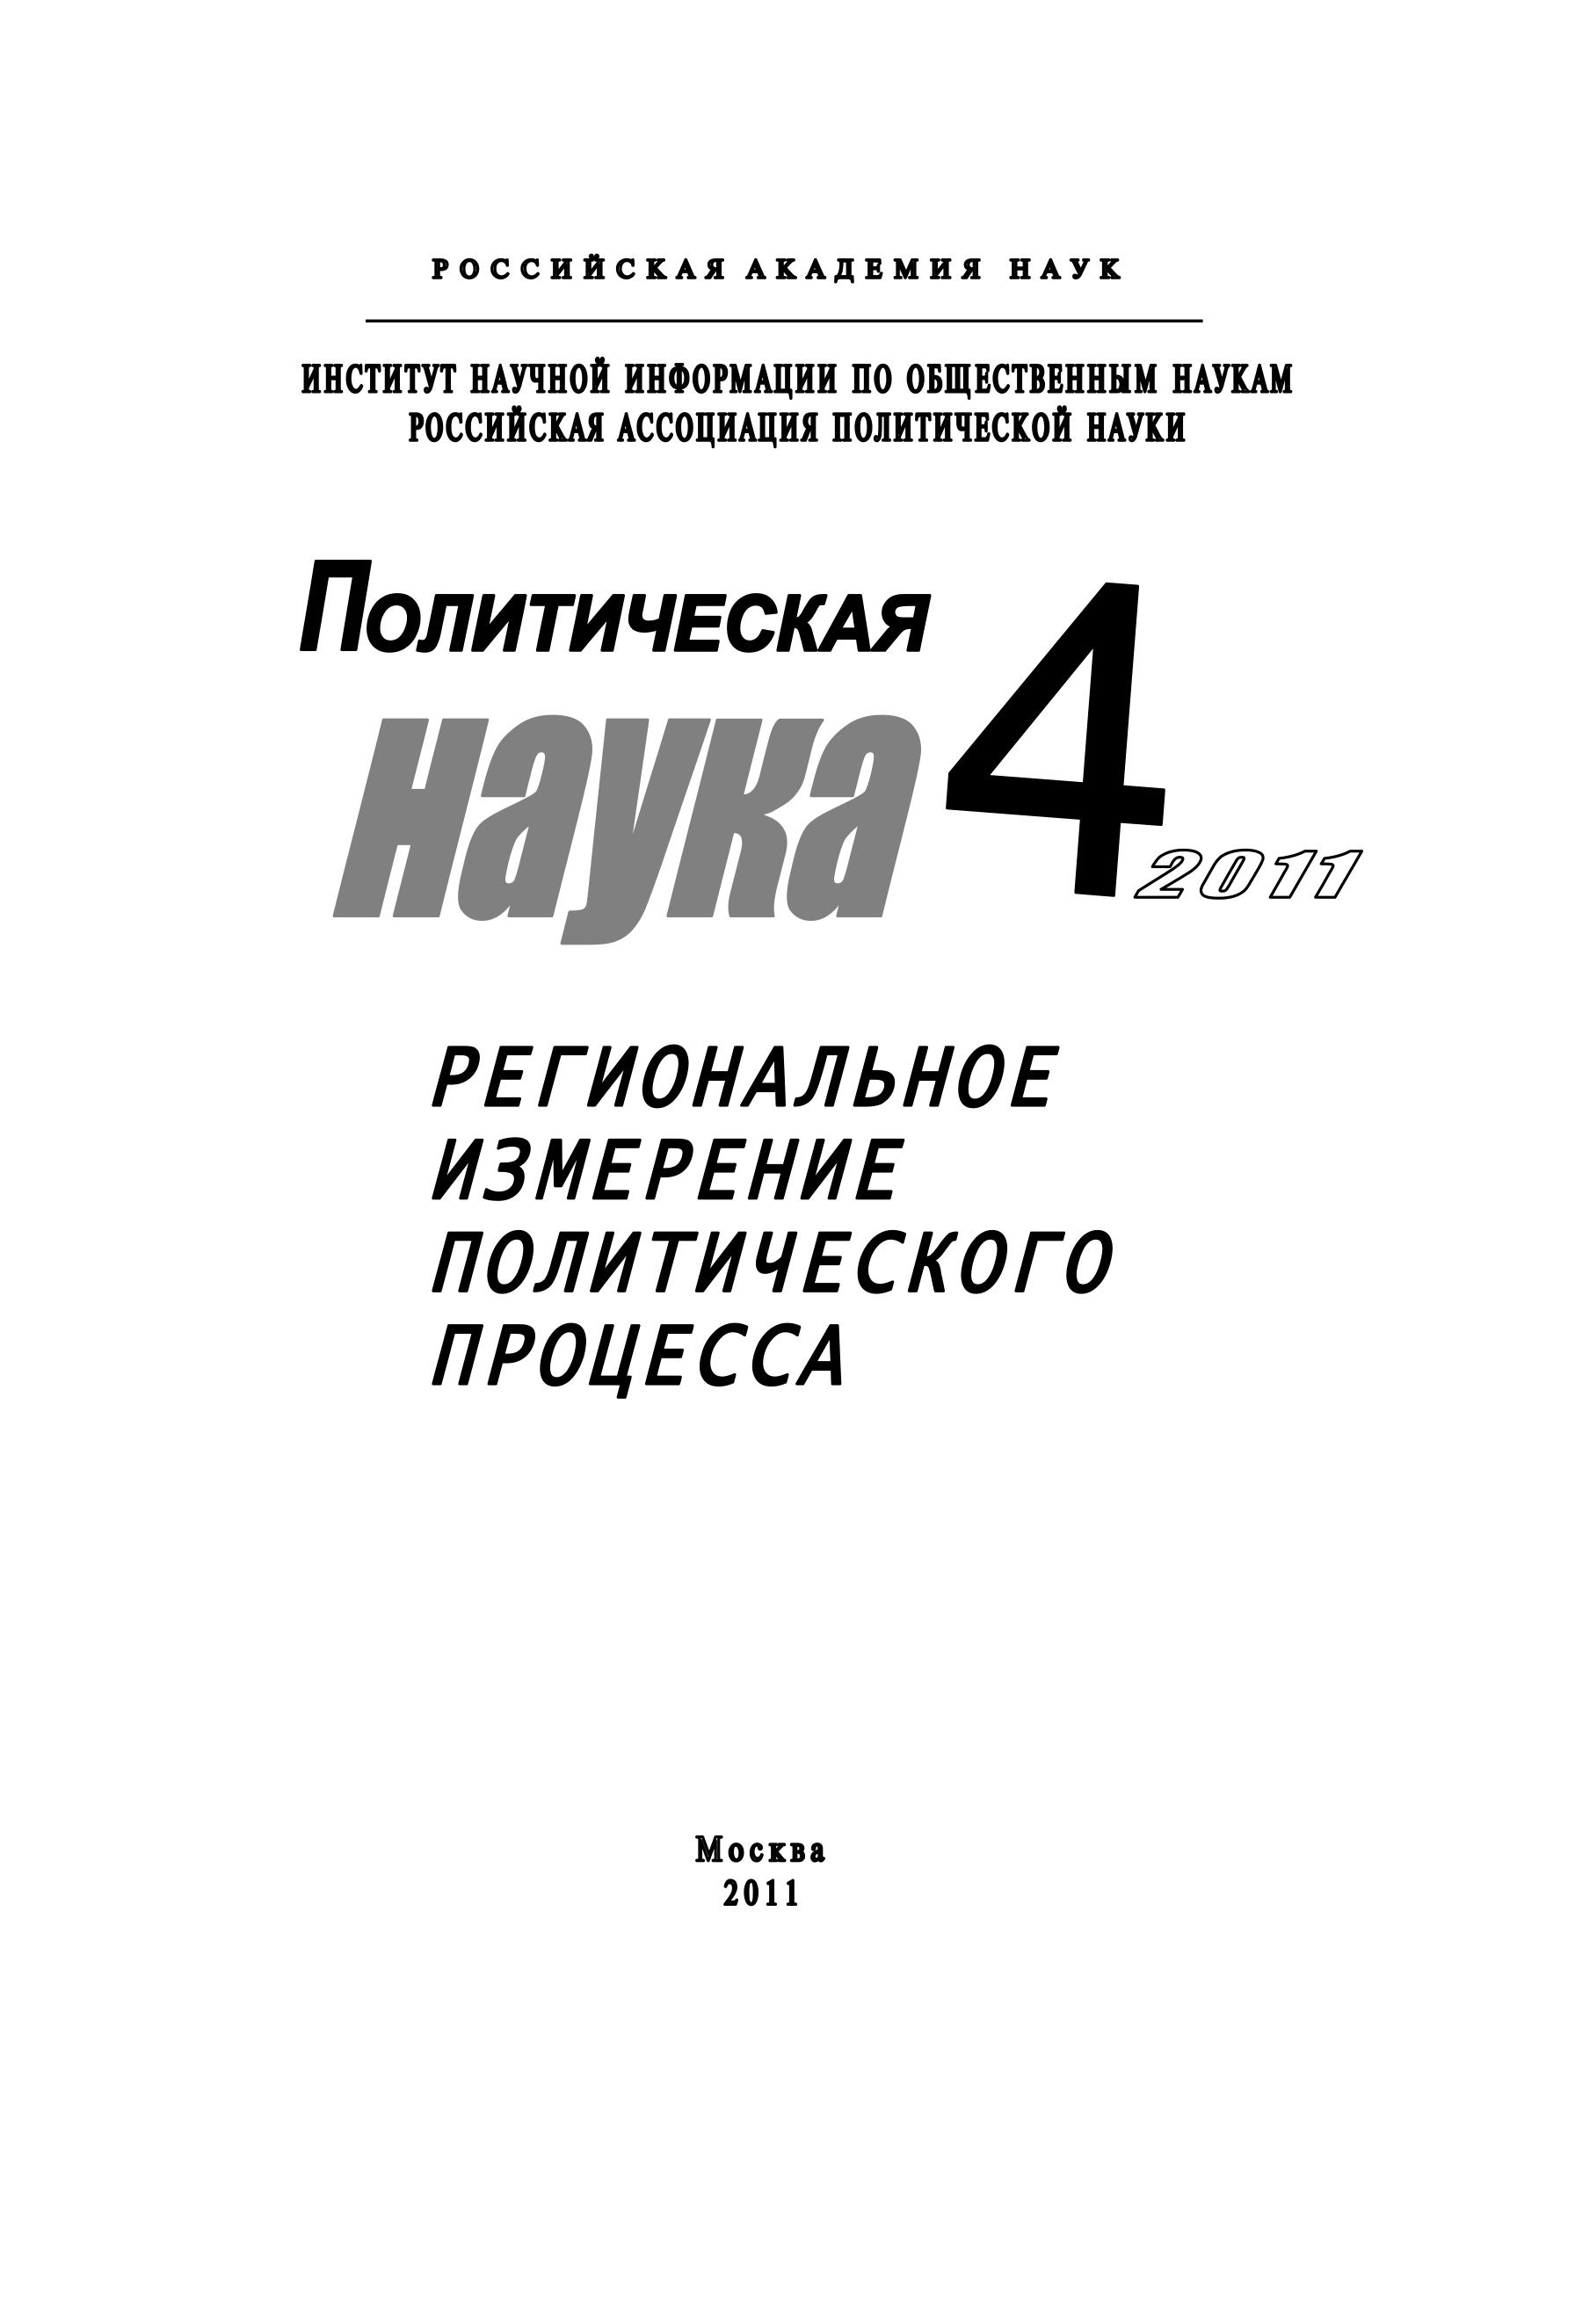 Политическая наука №4/2011 г. Региональное измерение политического процесса ( Ростислав Туровский  )